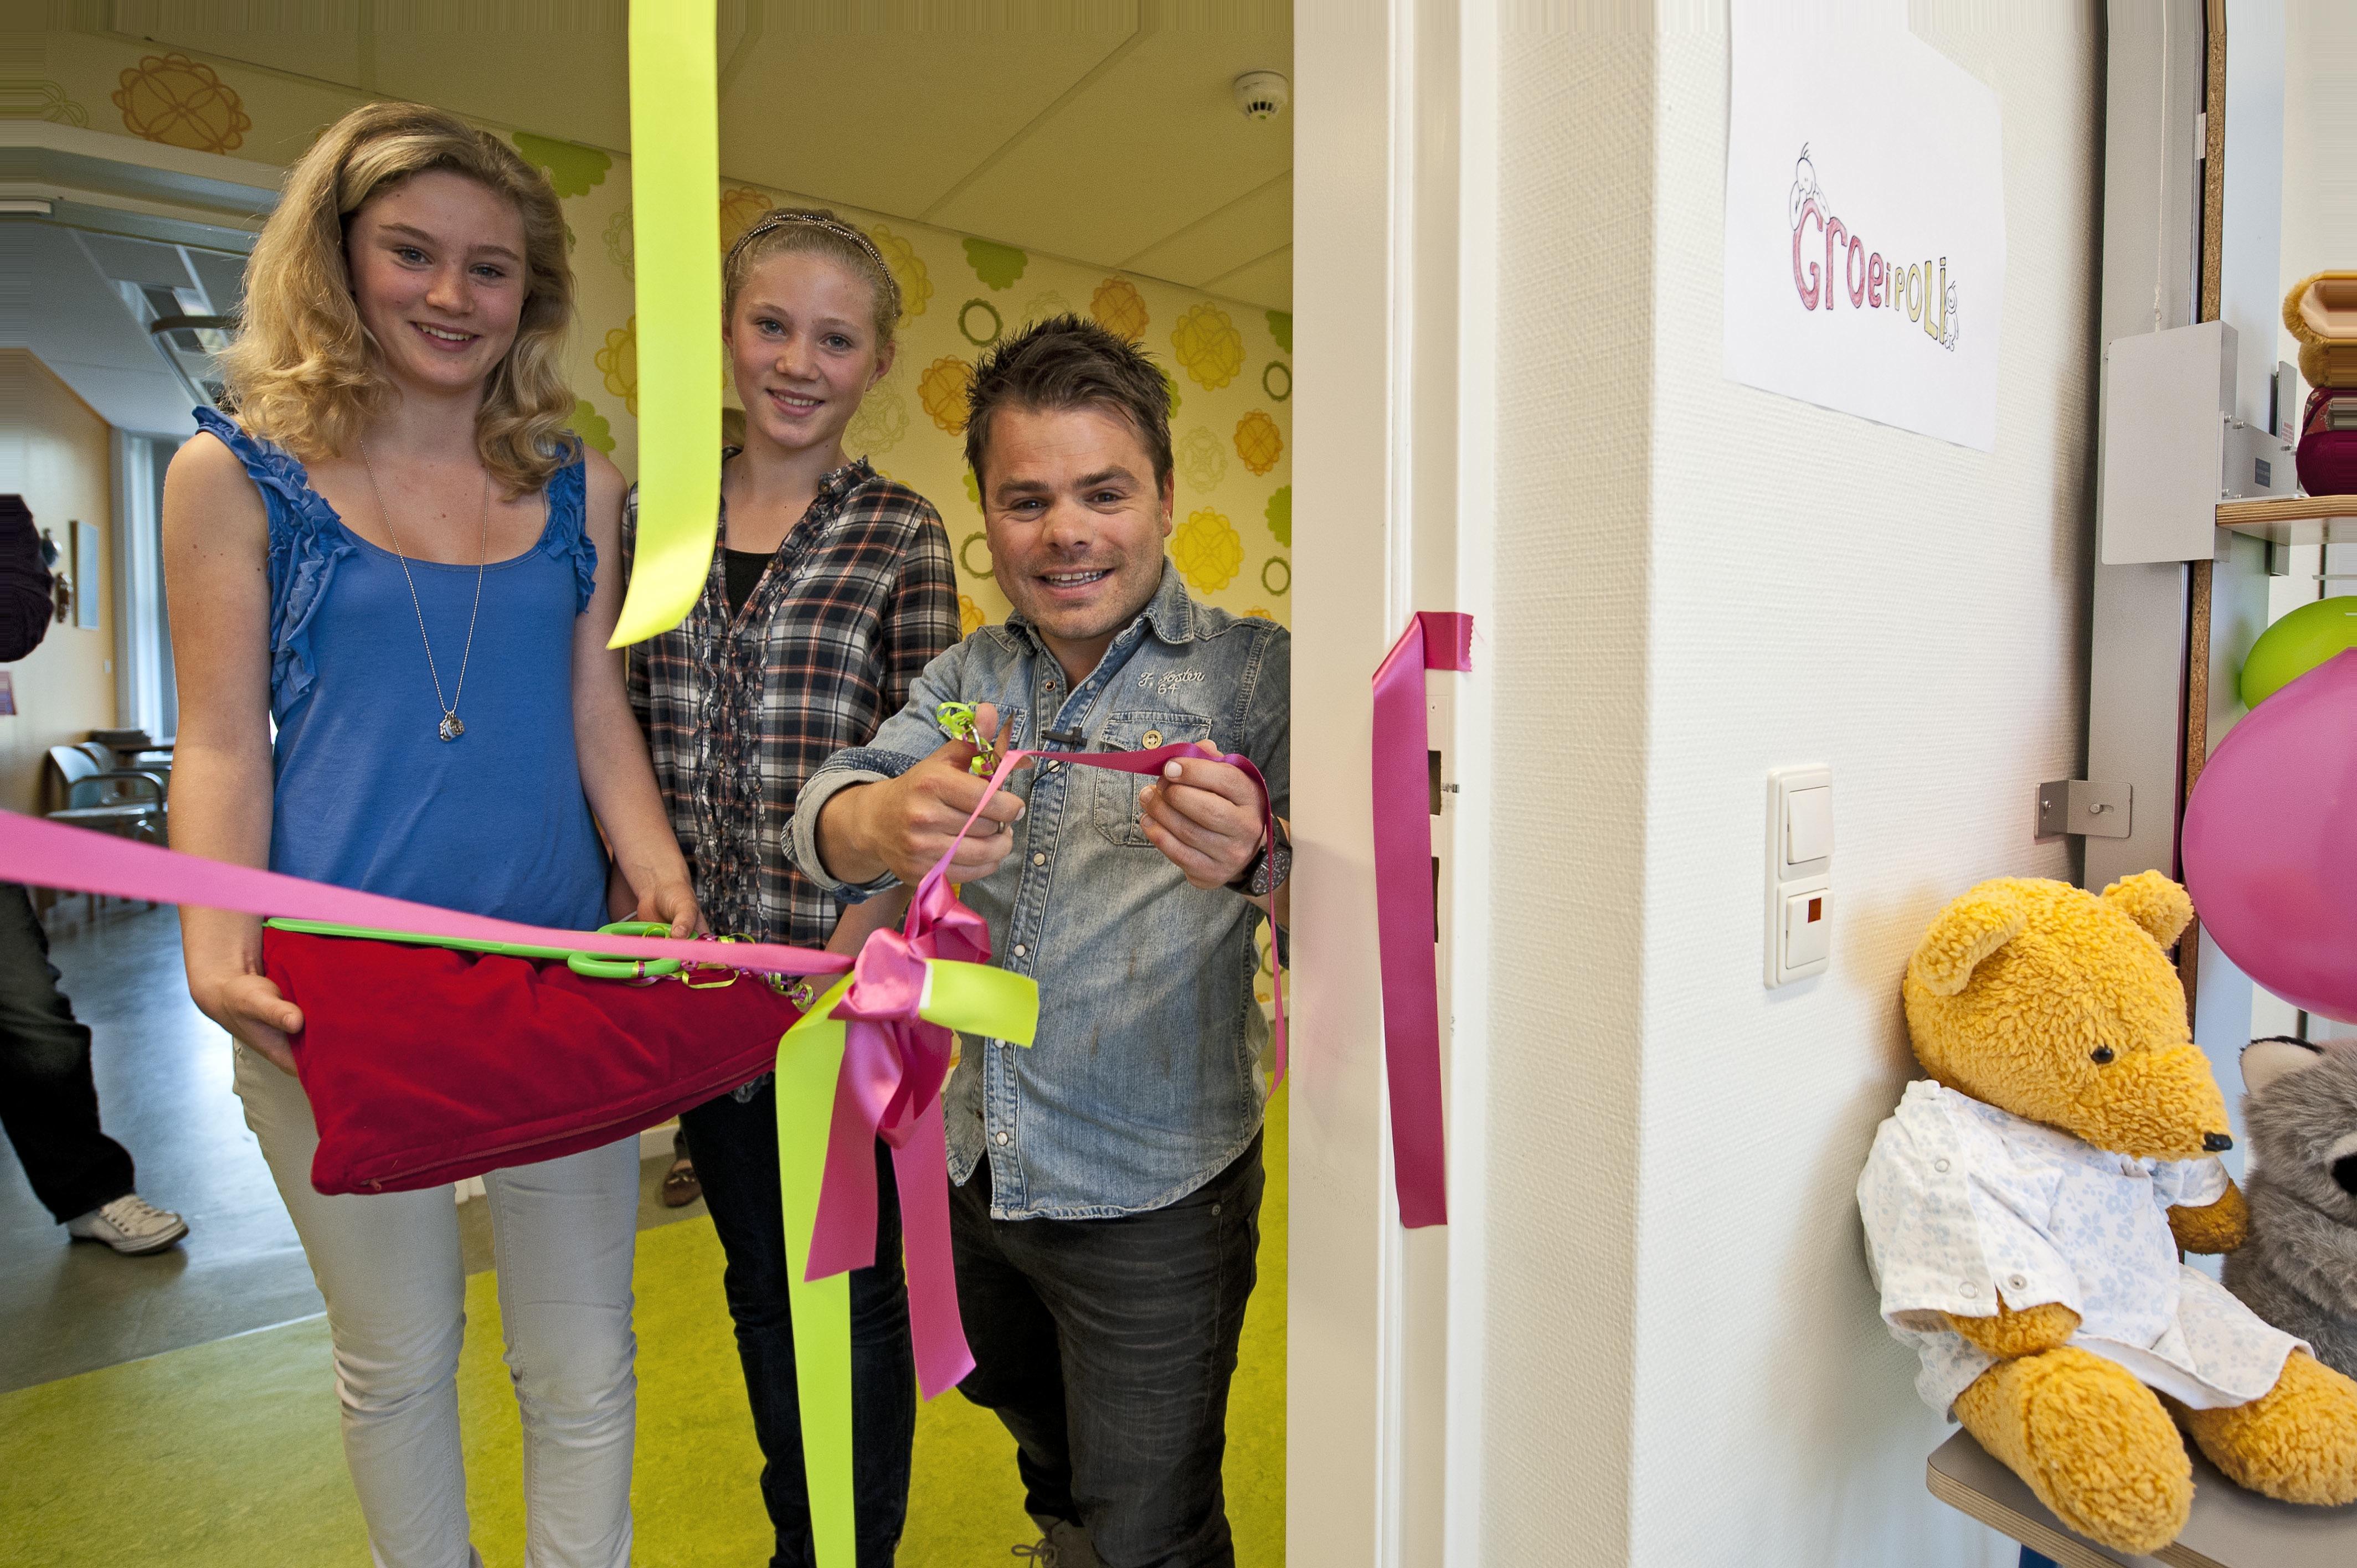 Roel Van Velzen Opent Groeipolikliniek In Tergooi Gezondheidskrant